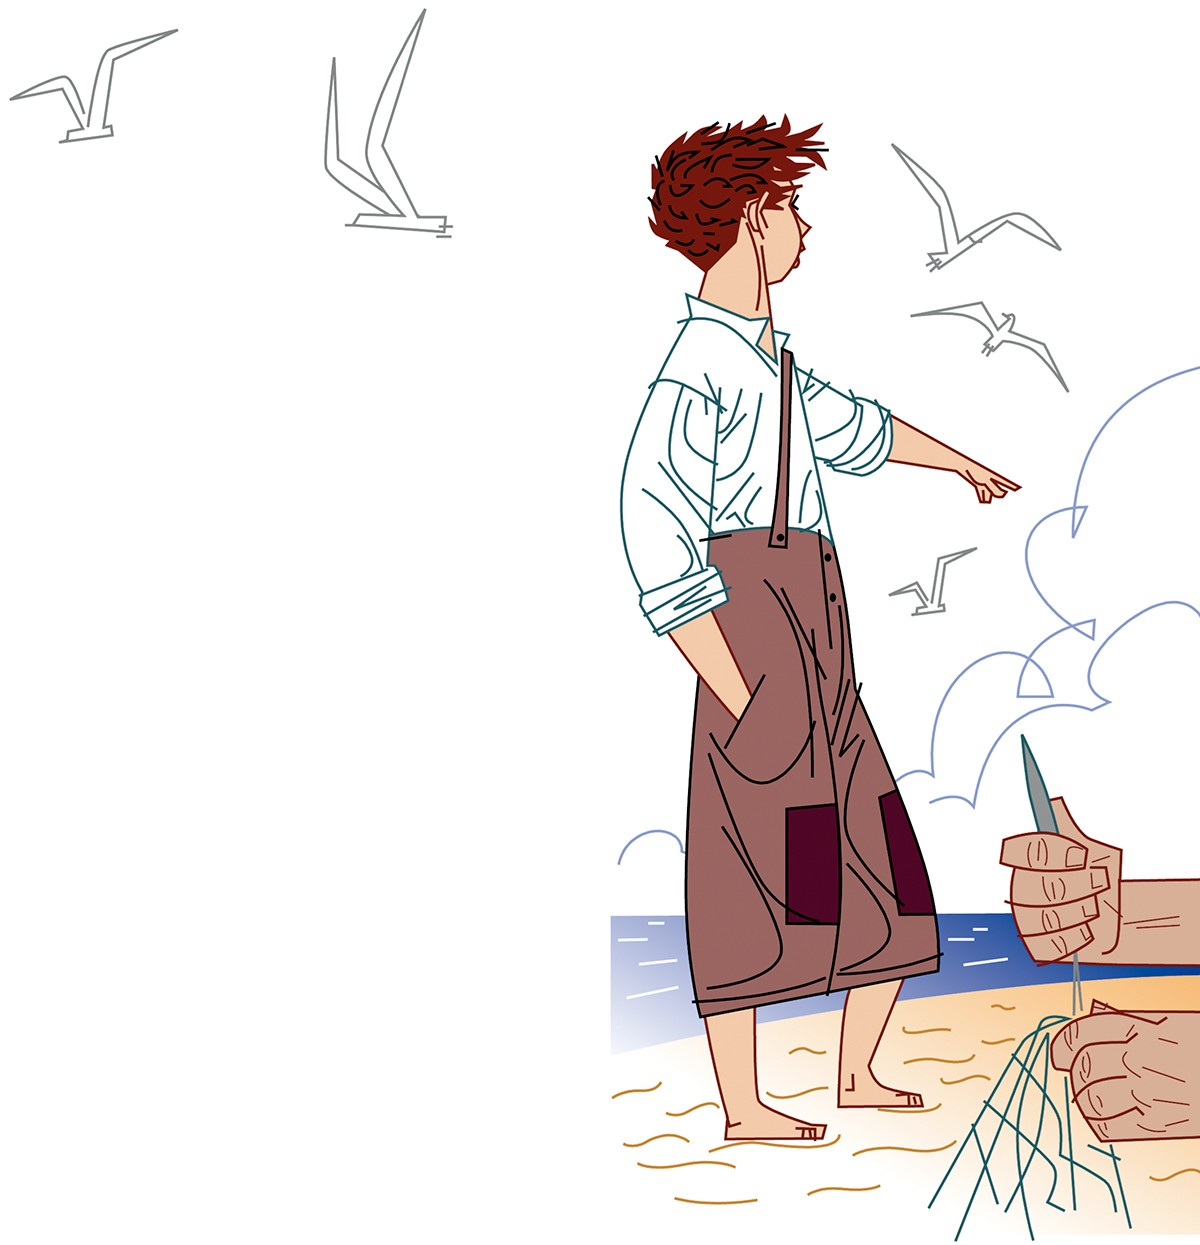 L'illa de les foques, Llucià Vallés, Paco Gimenez ilustracion, Timoner 6, SM